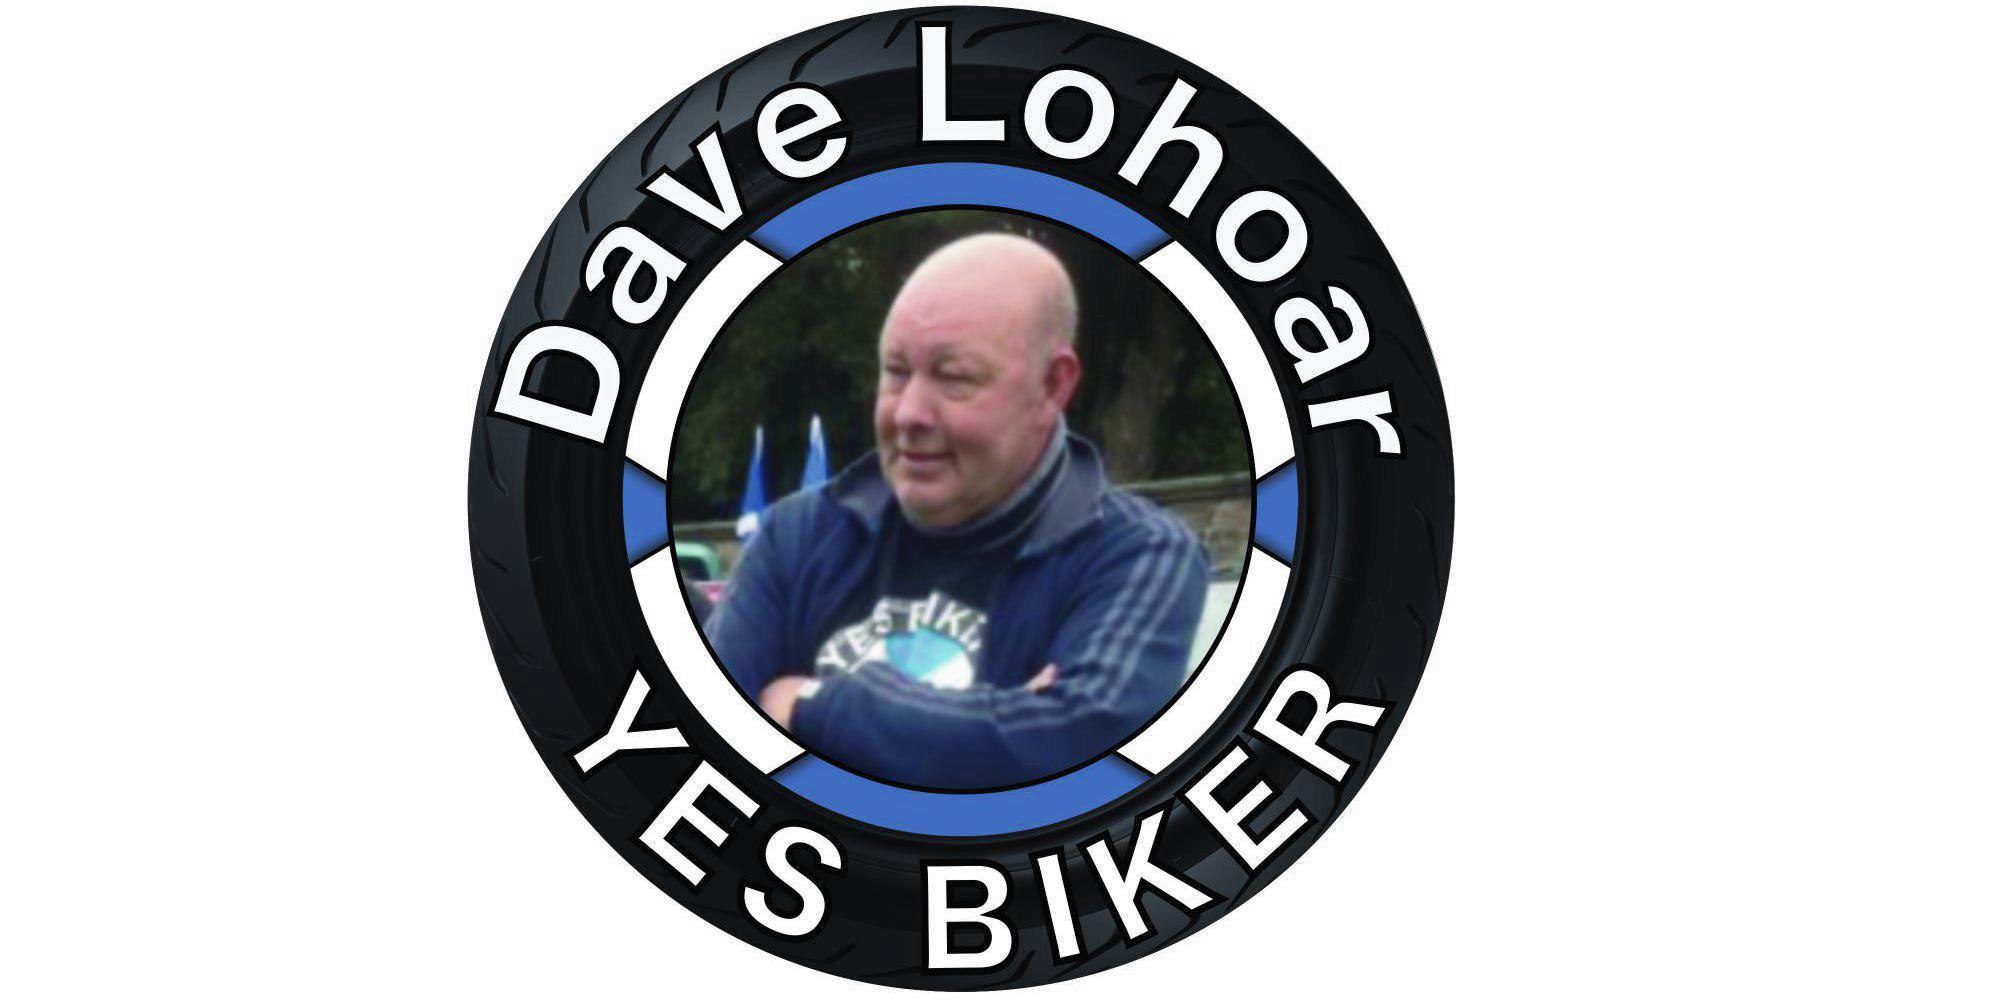 Dave Lohoar yes biker